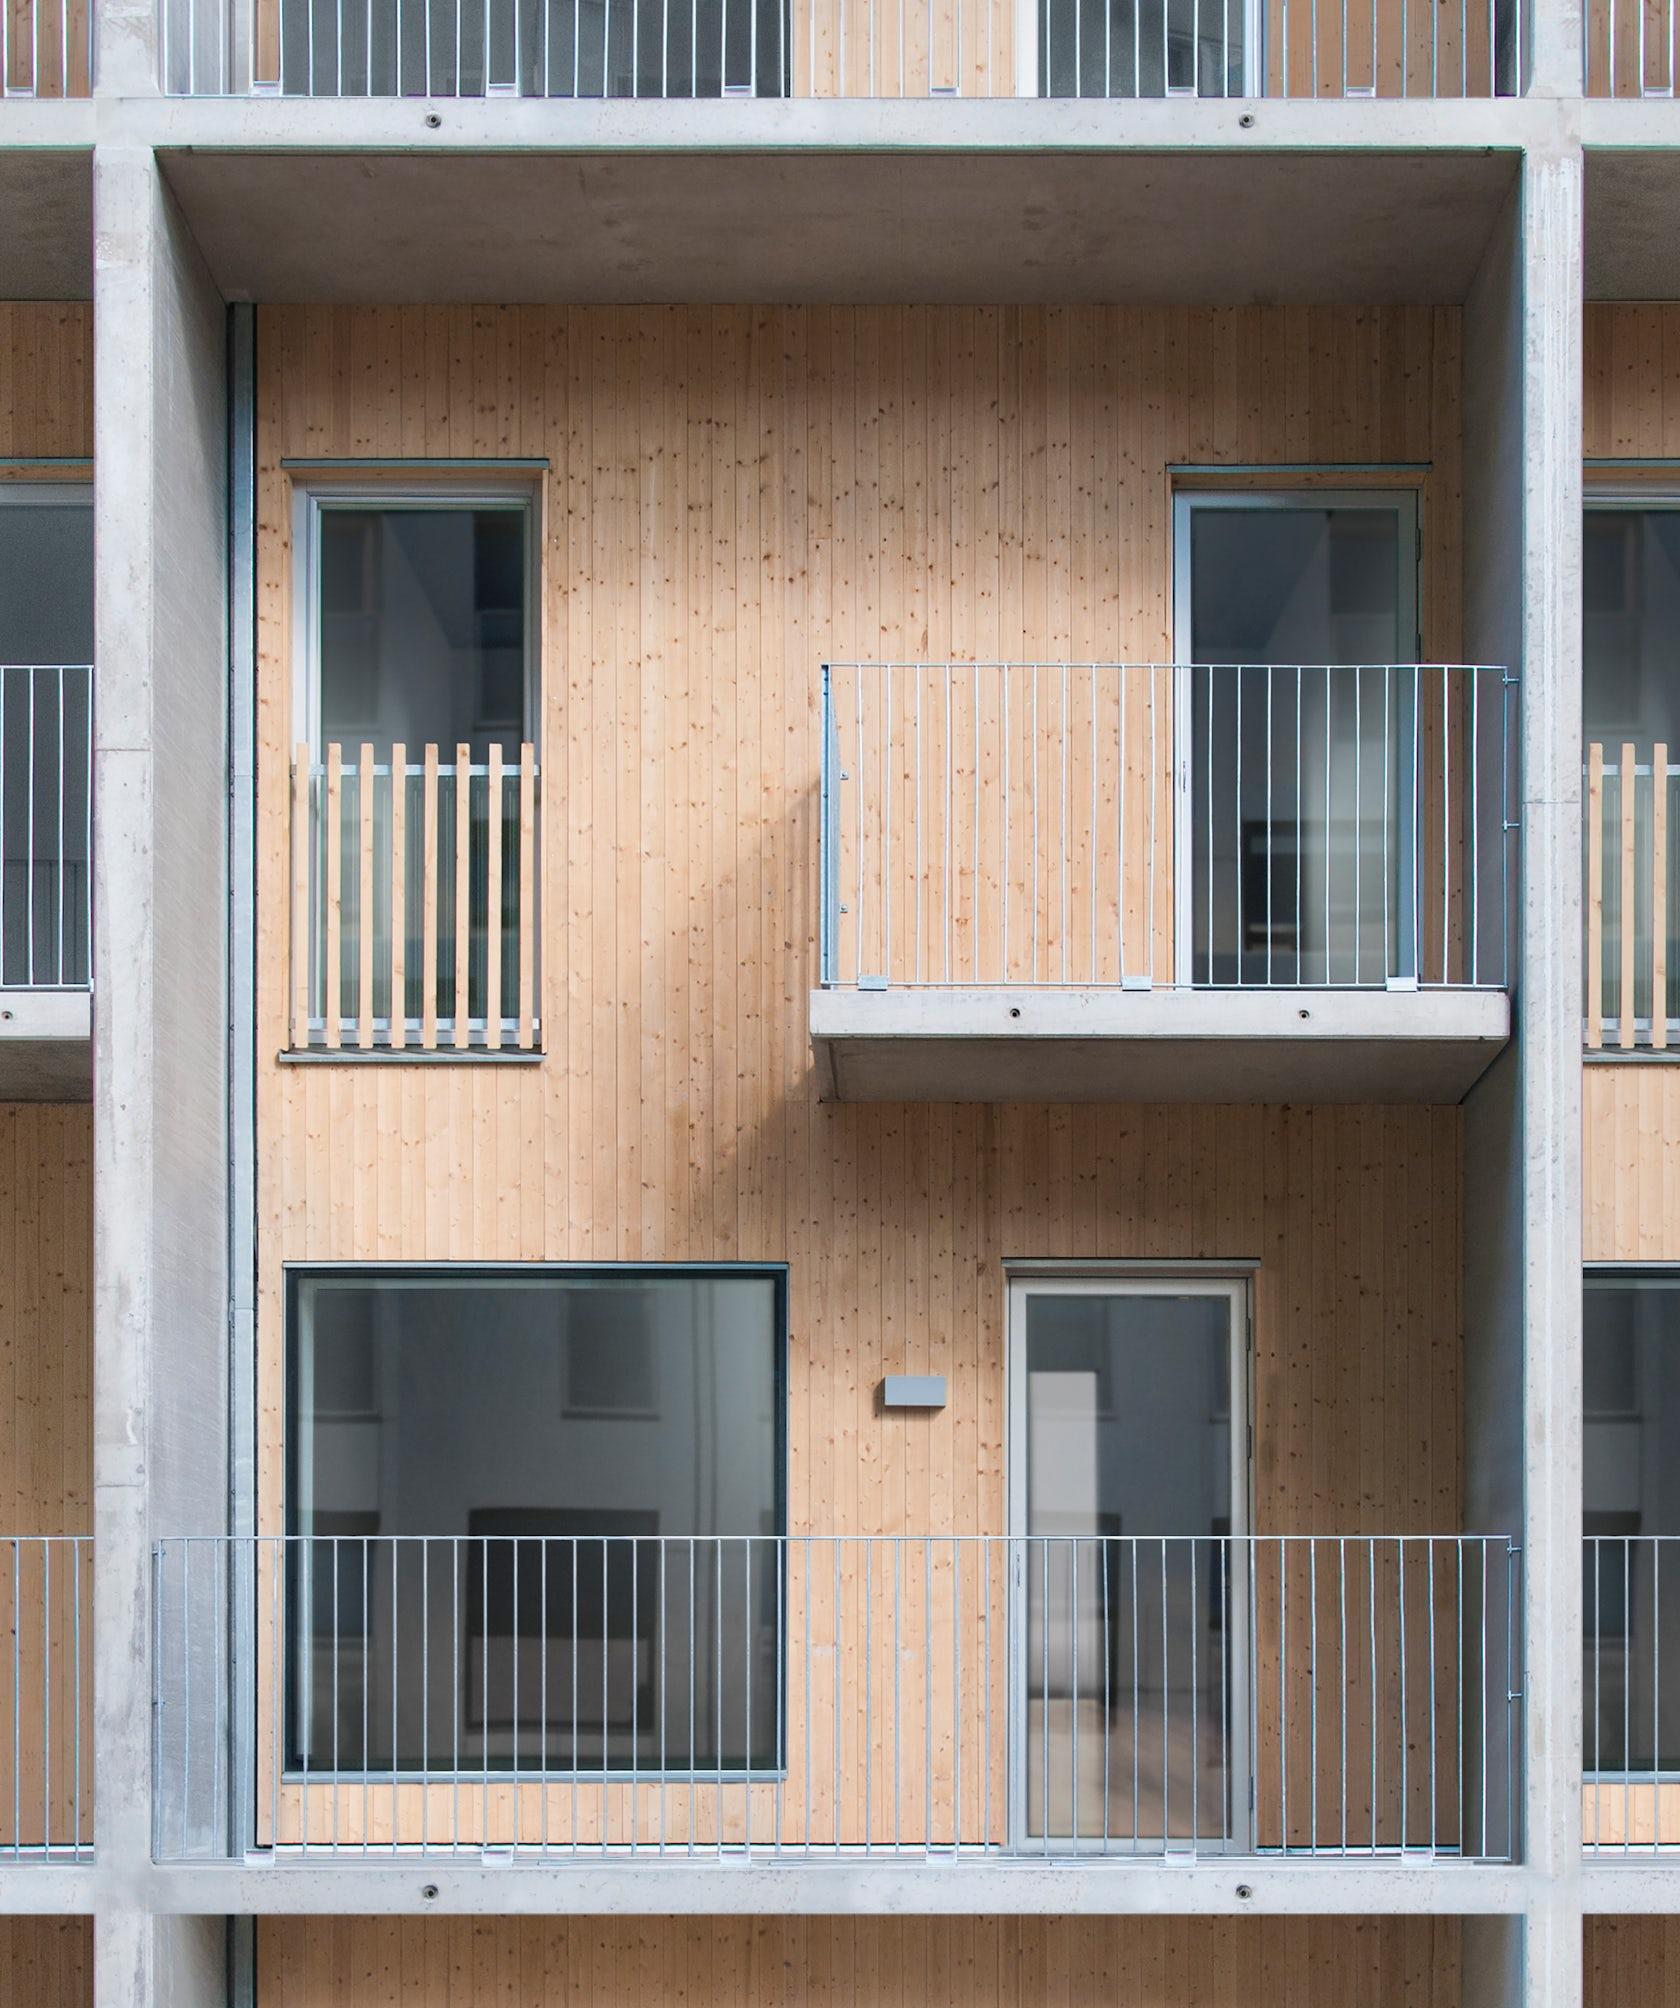 Tappen Housing